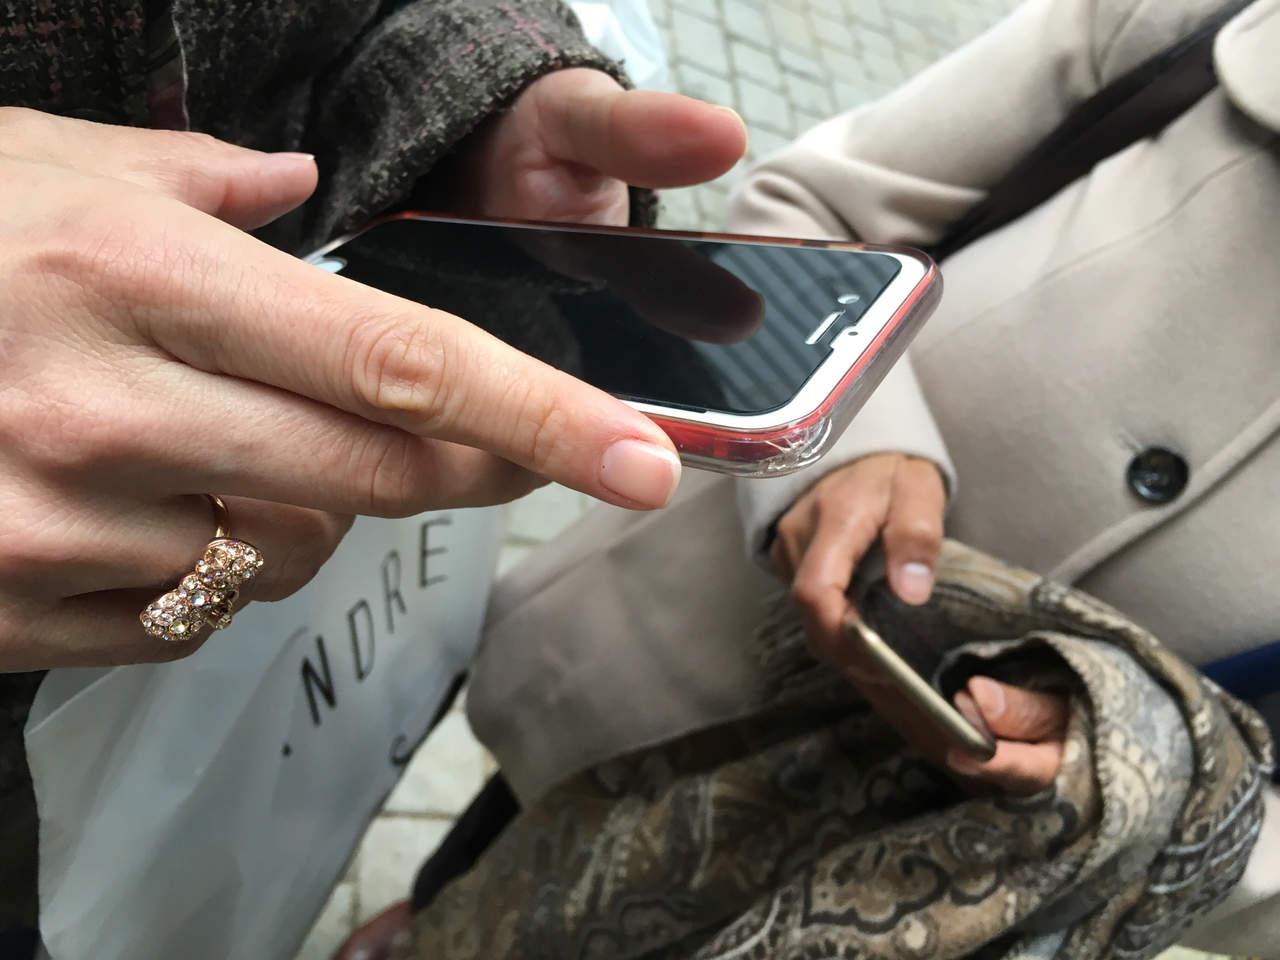 Abusar del uso del celular perjudica la salud